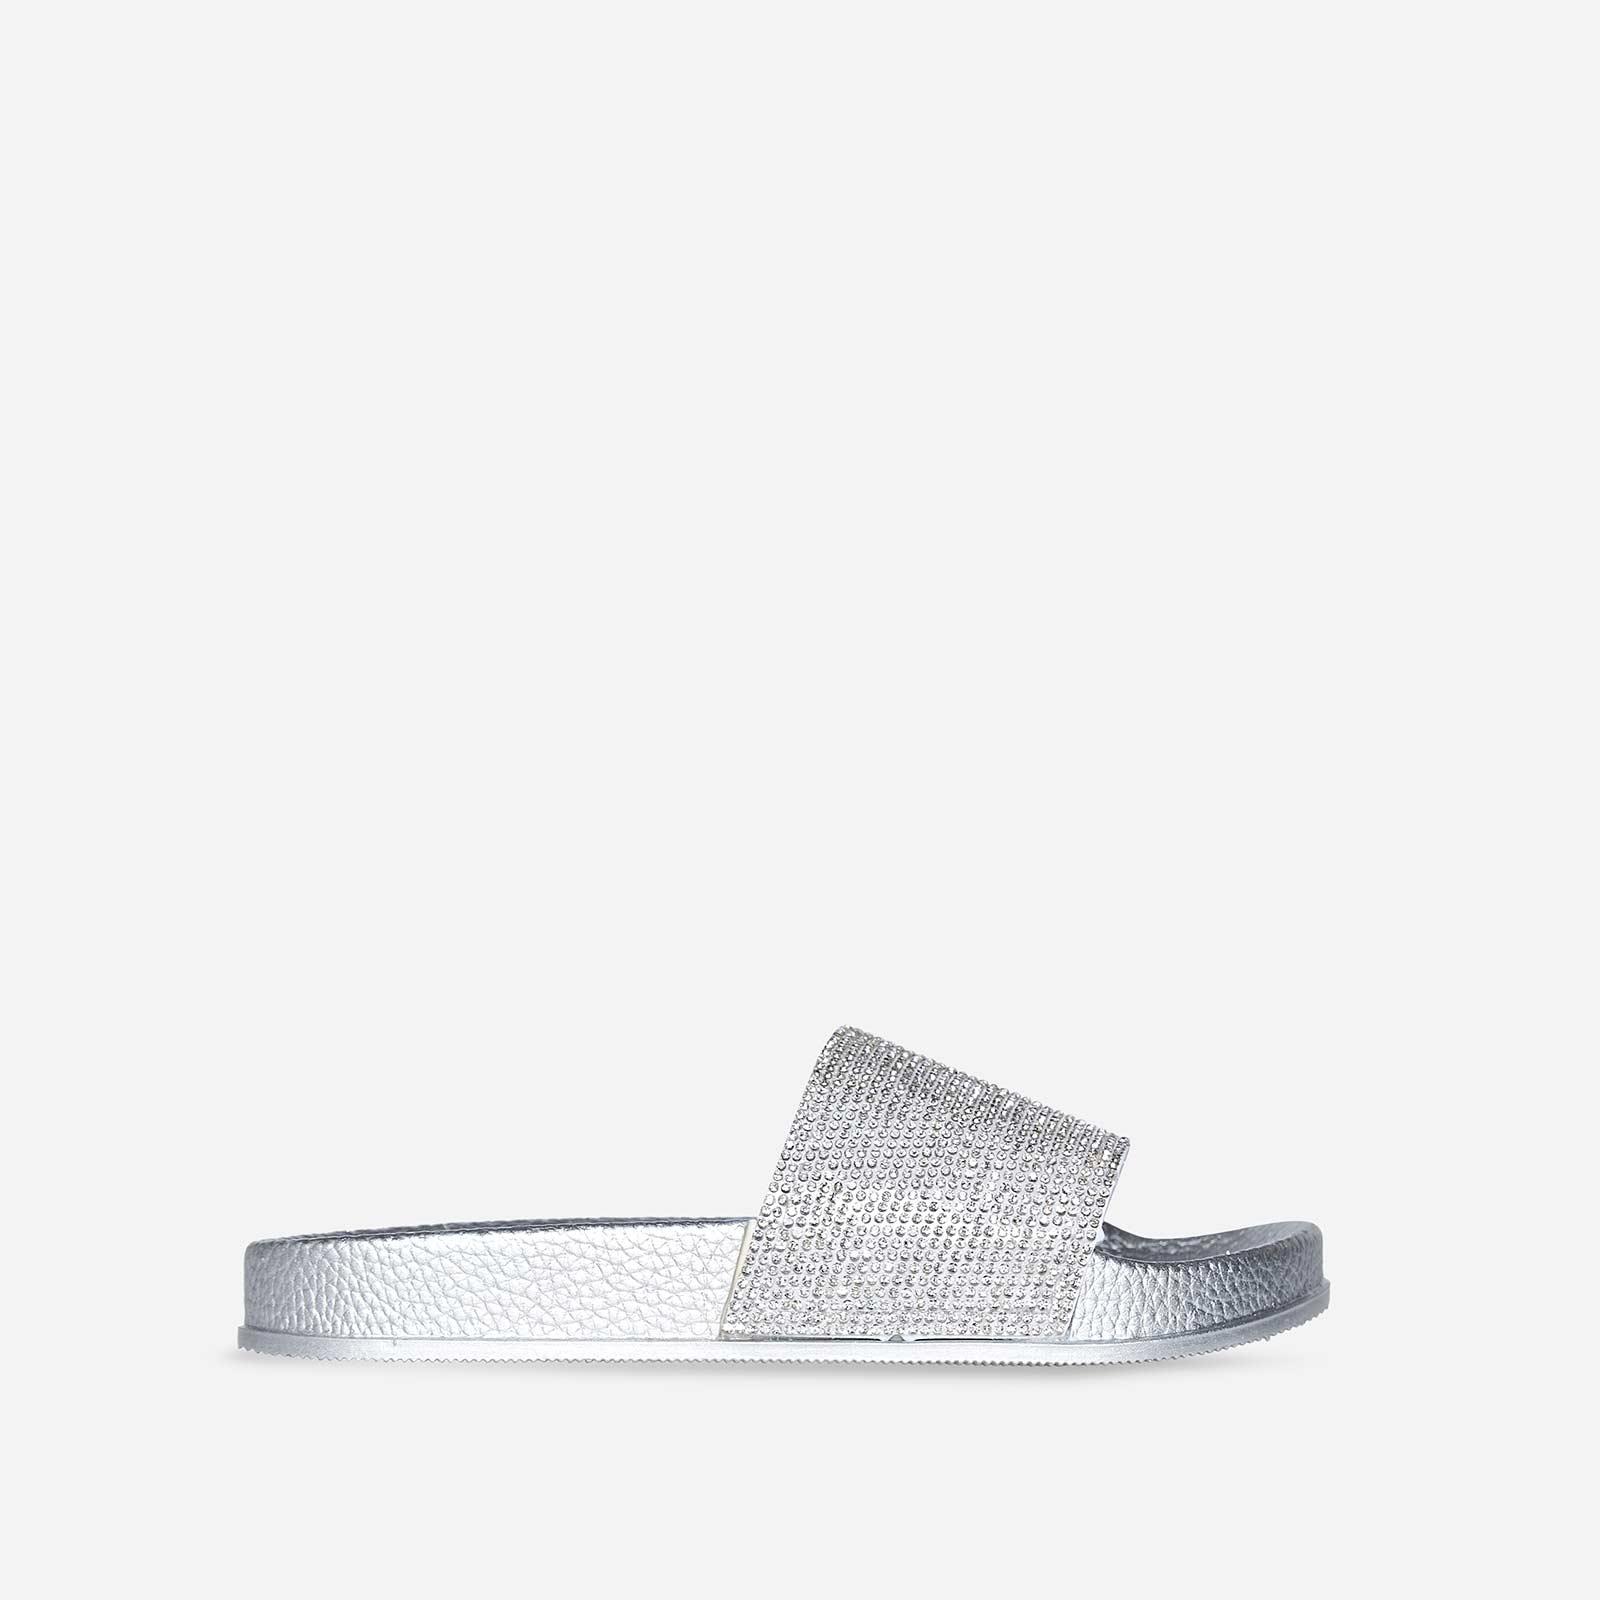 Vibe Diamante Slider In White Rubber Image 1